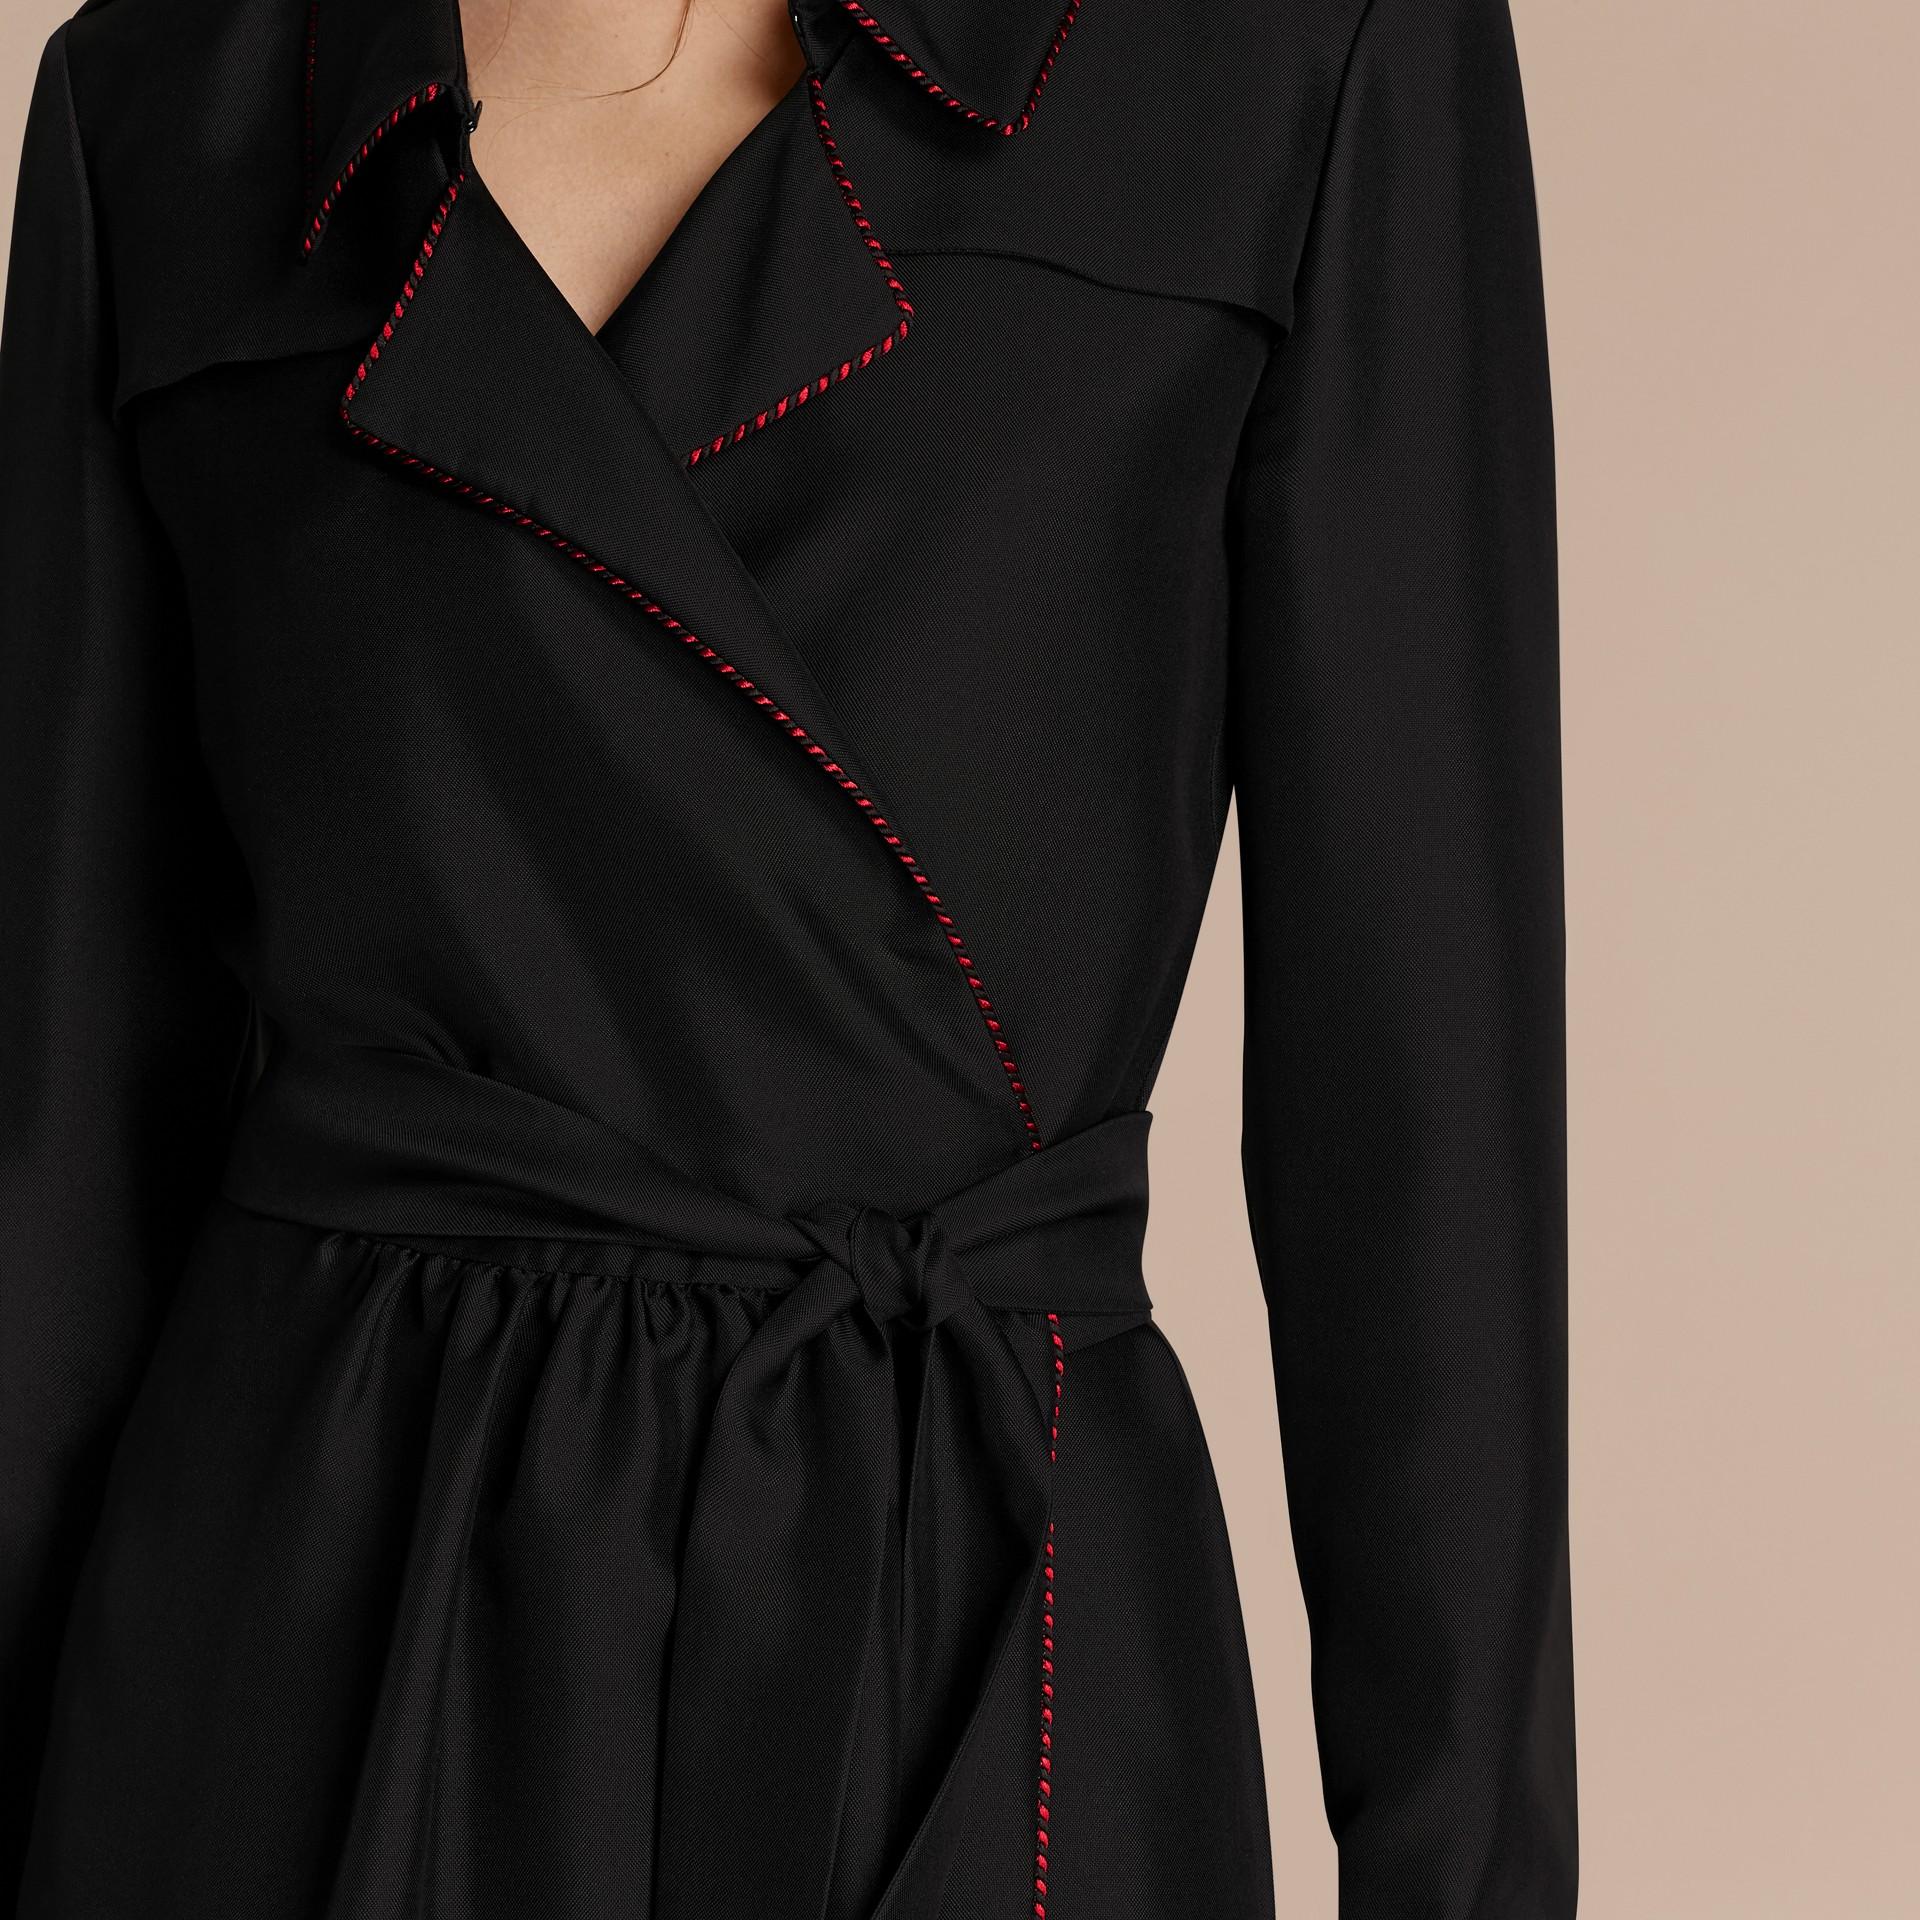 Noir Robe trench portefeuille en soie avec passepoils militaires - photo de la galerie 6